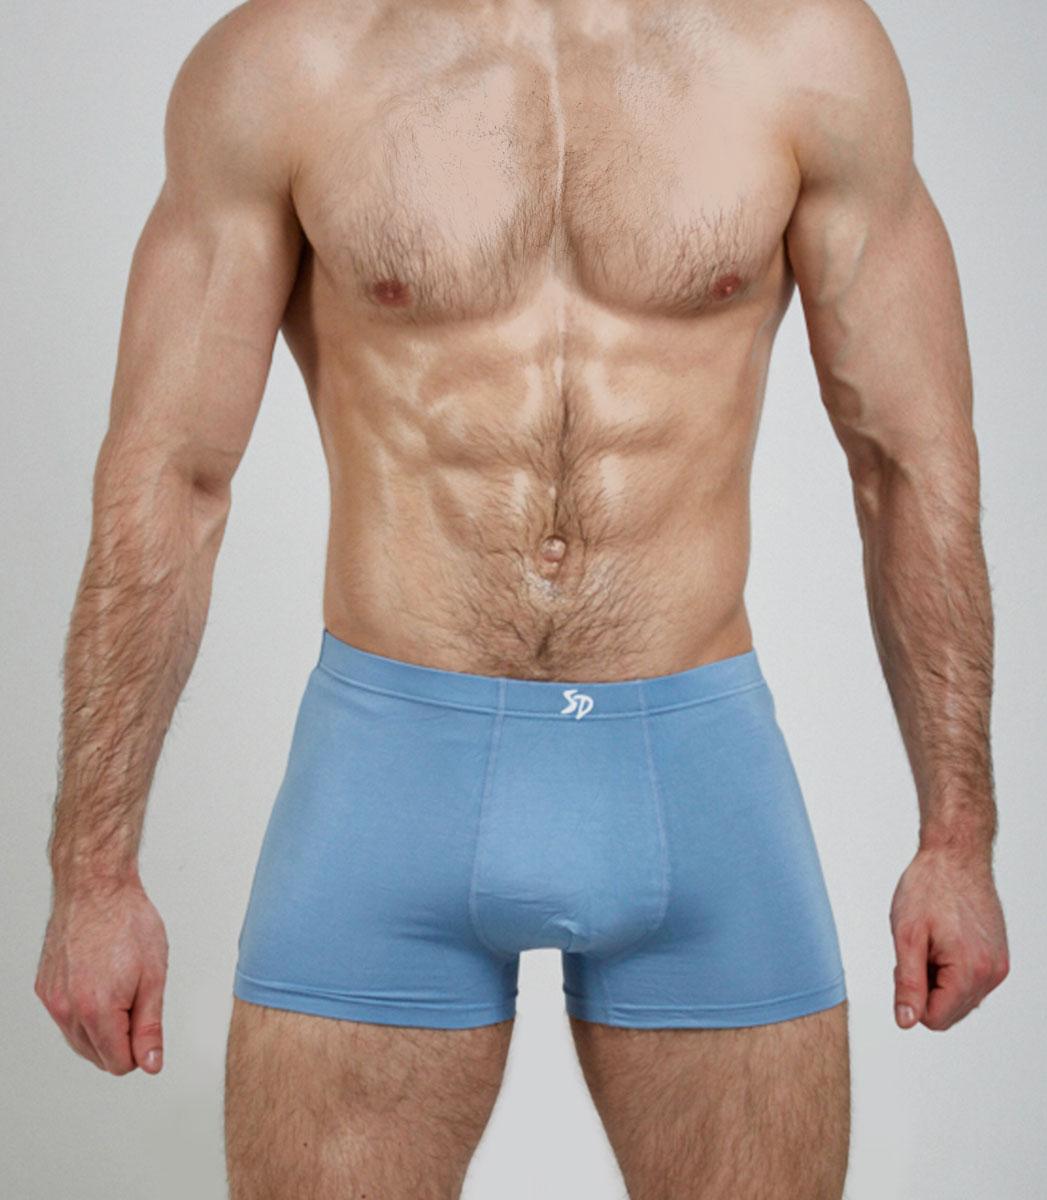 Трусы-боксеры мужские By Salvador Dali, цвет: голубой. SD2035-3. Размер M (46)SD2035-3Мужские трусы-боксеры от бренда By Salvador Dali пошиты из мягкой, приятной для тела, бамбуковой ткани. Модель выполнена со скрытой, хорошо тянущейся резинки, что исключает потение и ощущение дискомфорта в области талии. Классический однотон, премиальный натуральный материал, высокотехнологичная обработка швов, обеспечивают максимальный комфорт и практичность ношения для требовательных к качеству мужчин.